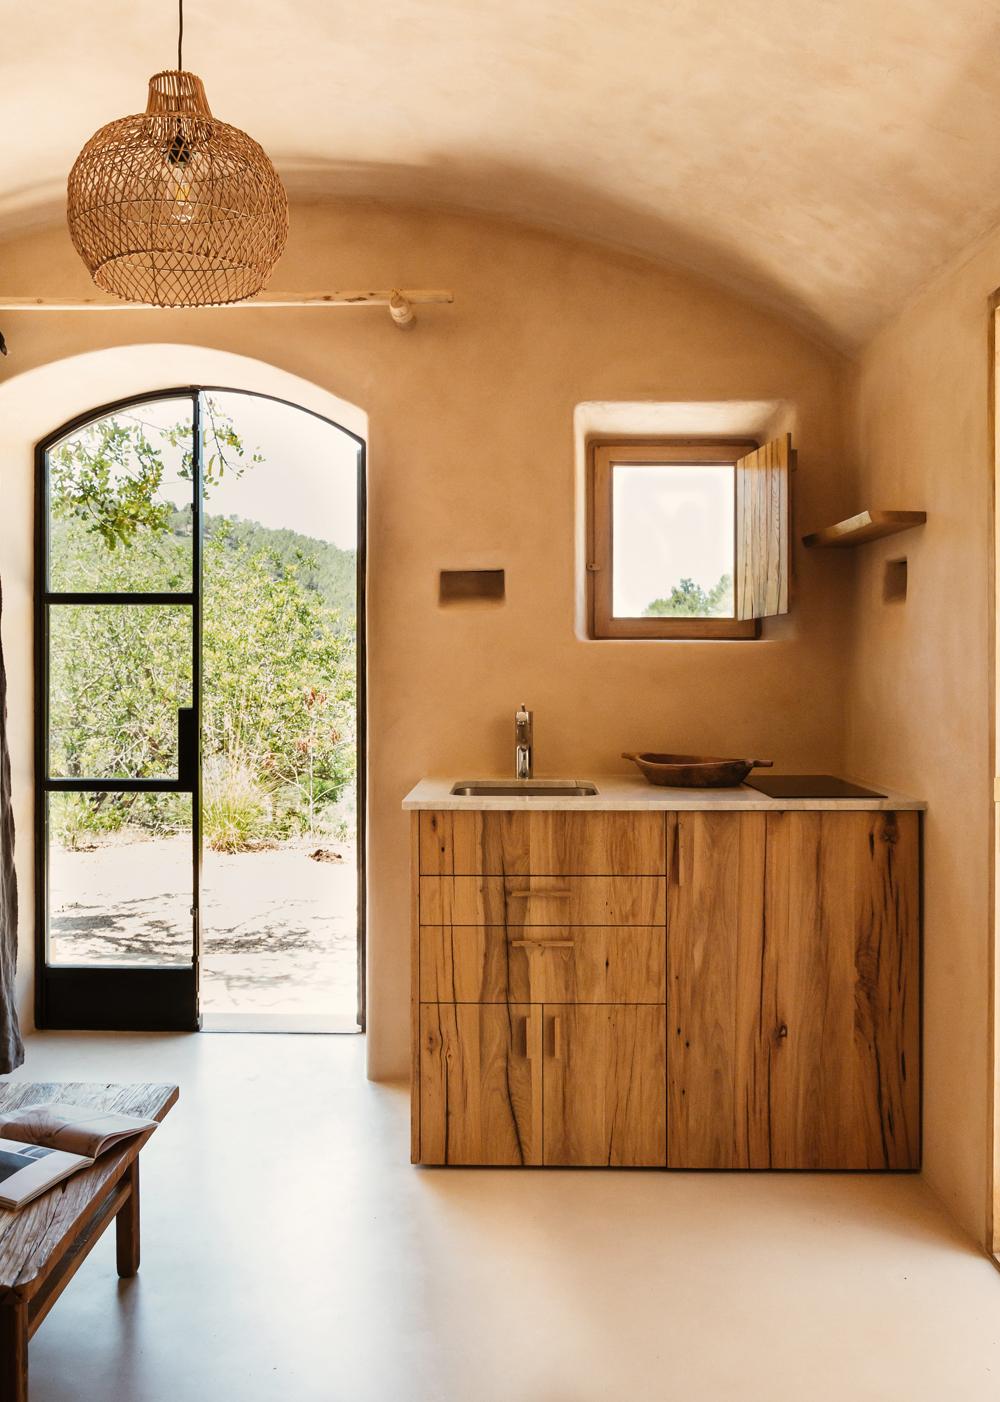 Casita-CanMarti-Eco-Agroturismo-Ibiza-4